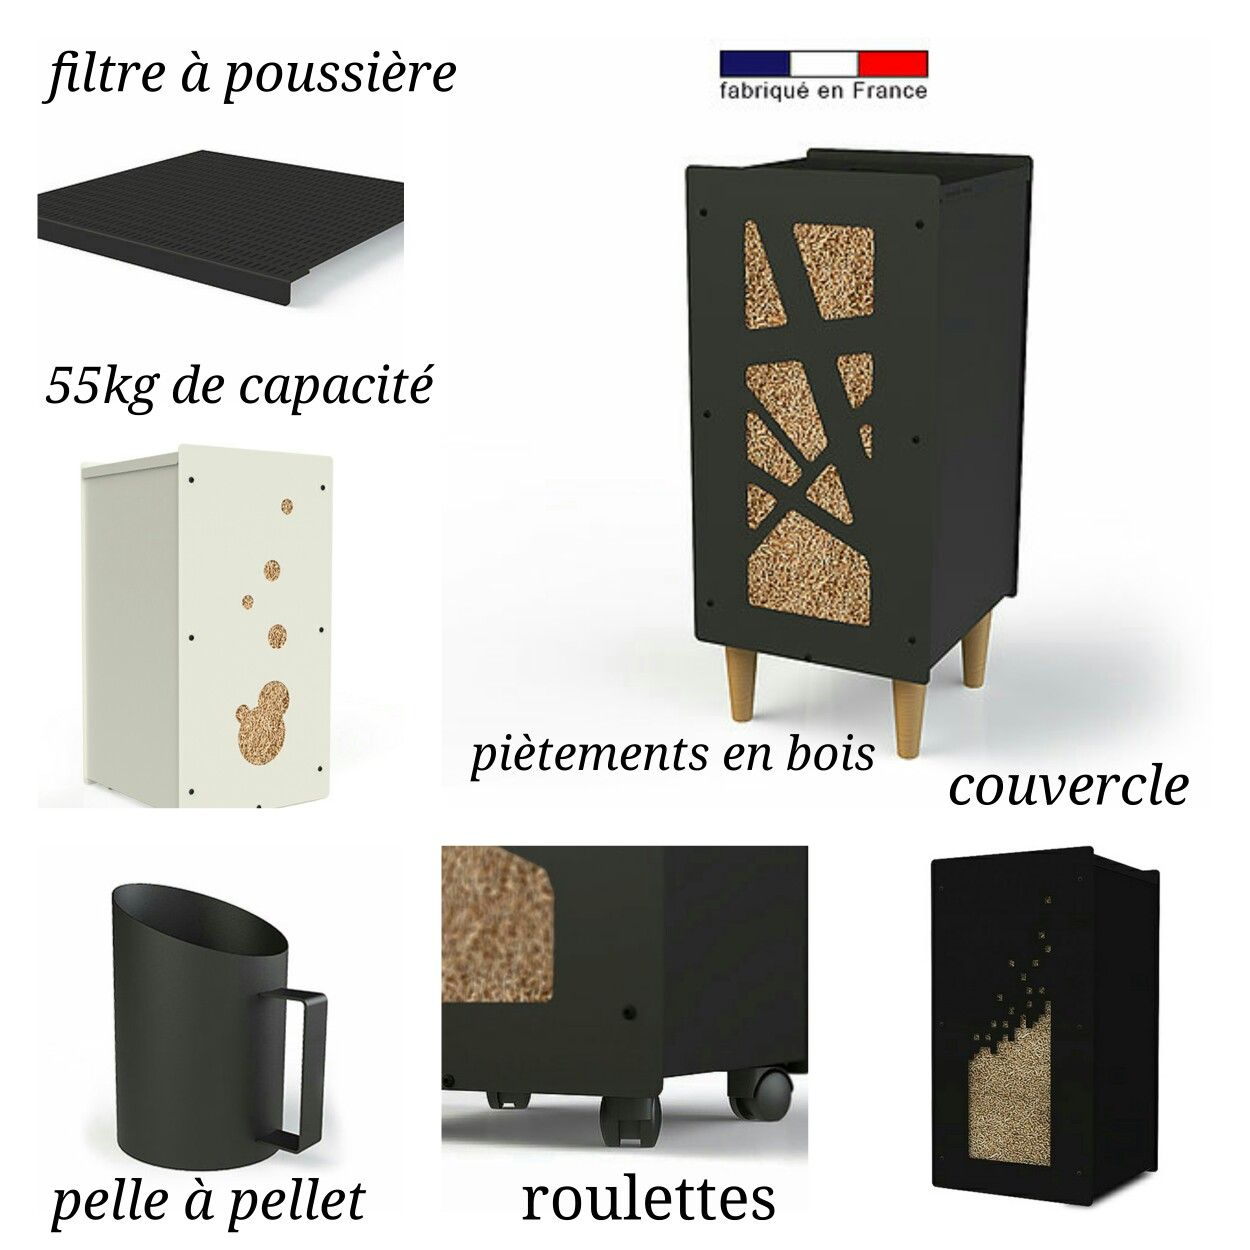 La Gamme Granulebox Accessoire De Stockage Pour Poele A Bois Et Granule Poele A Bois Meuble Rangement Idee Deco Maison